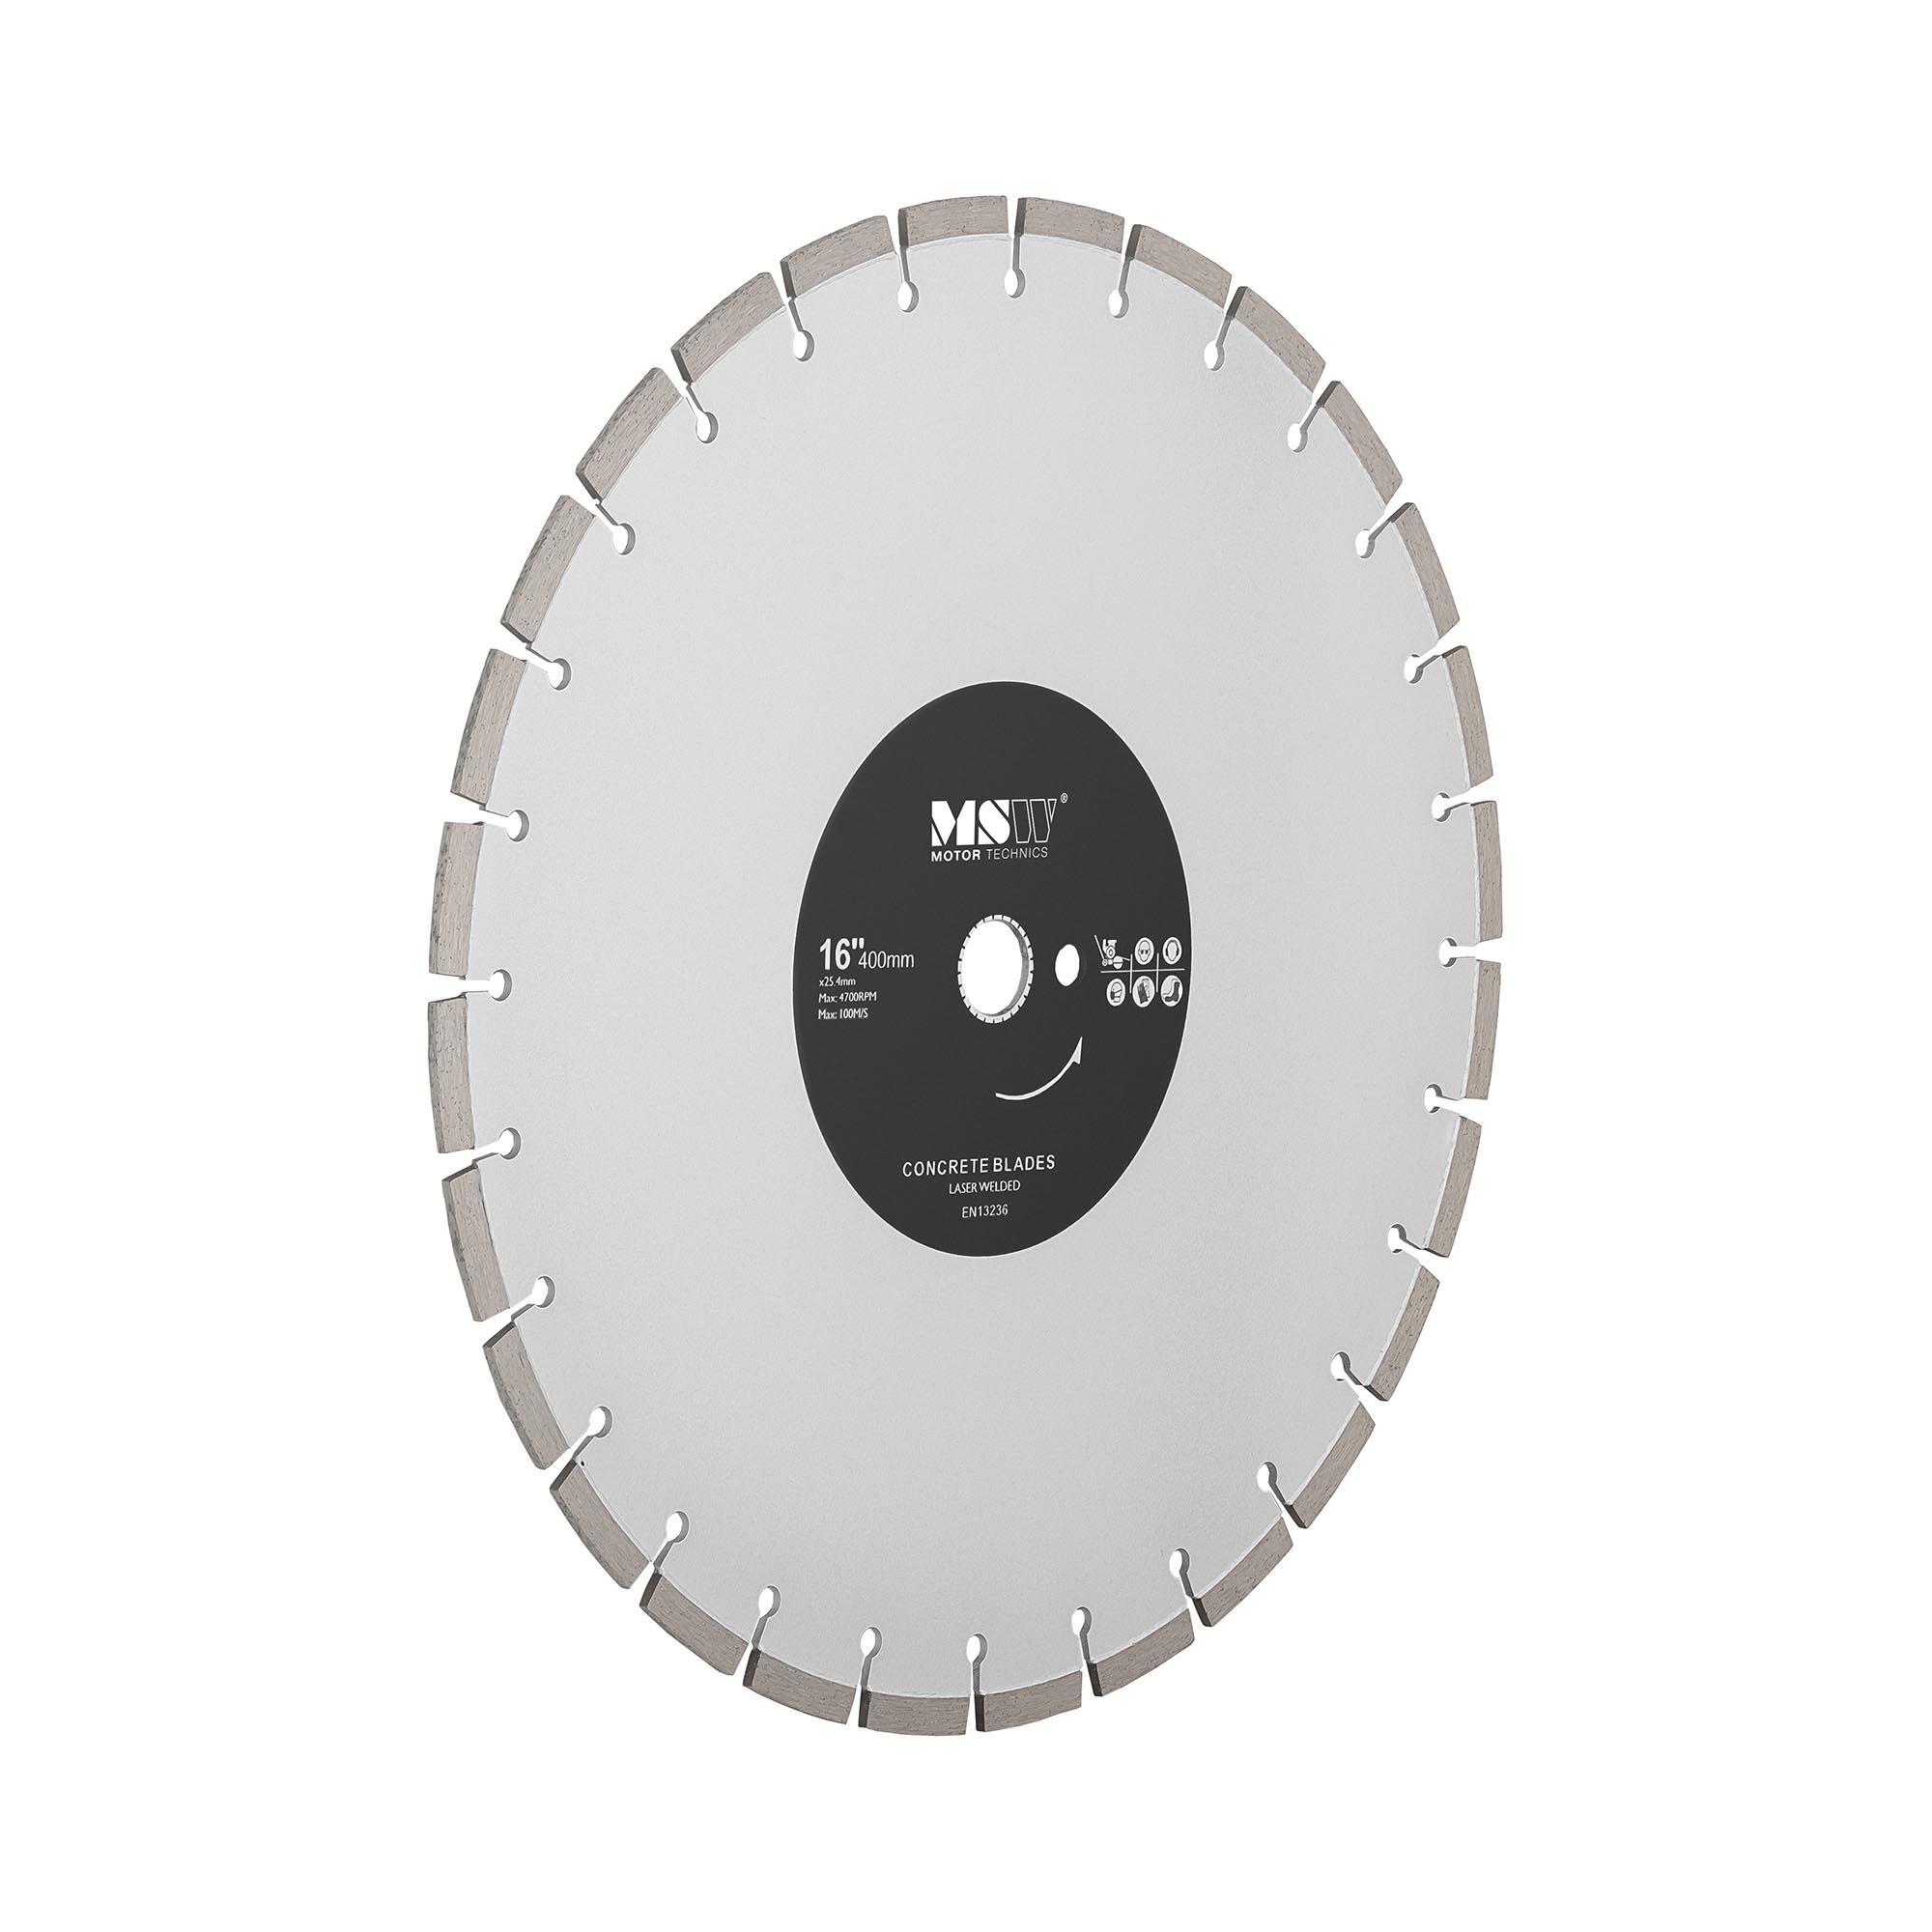 MSW Disco diamantato per sega circolare - Lama per taglio cemento, mattoni e altro - 400 mm -FSCB-400/25